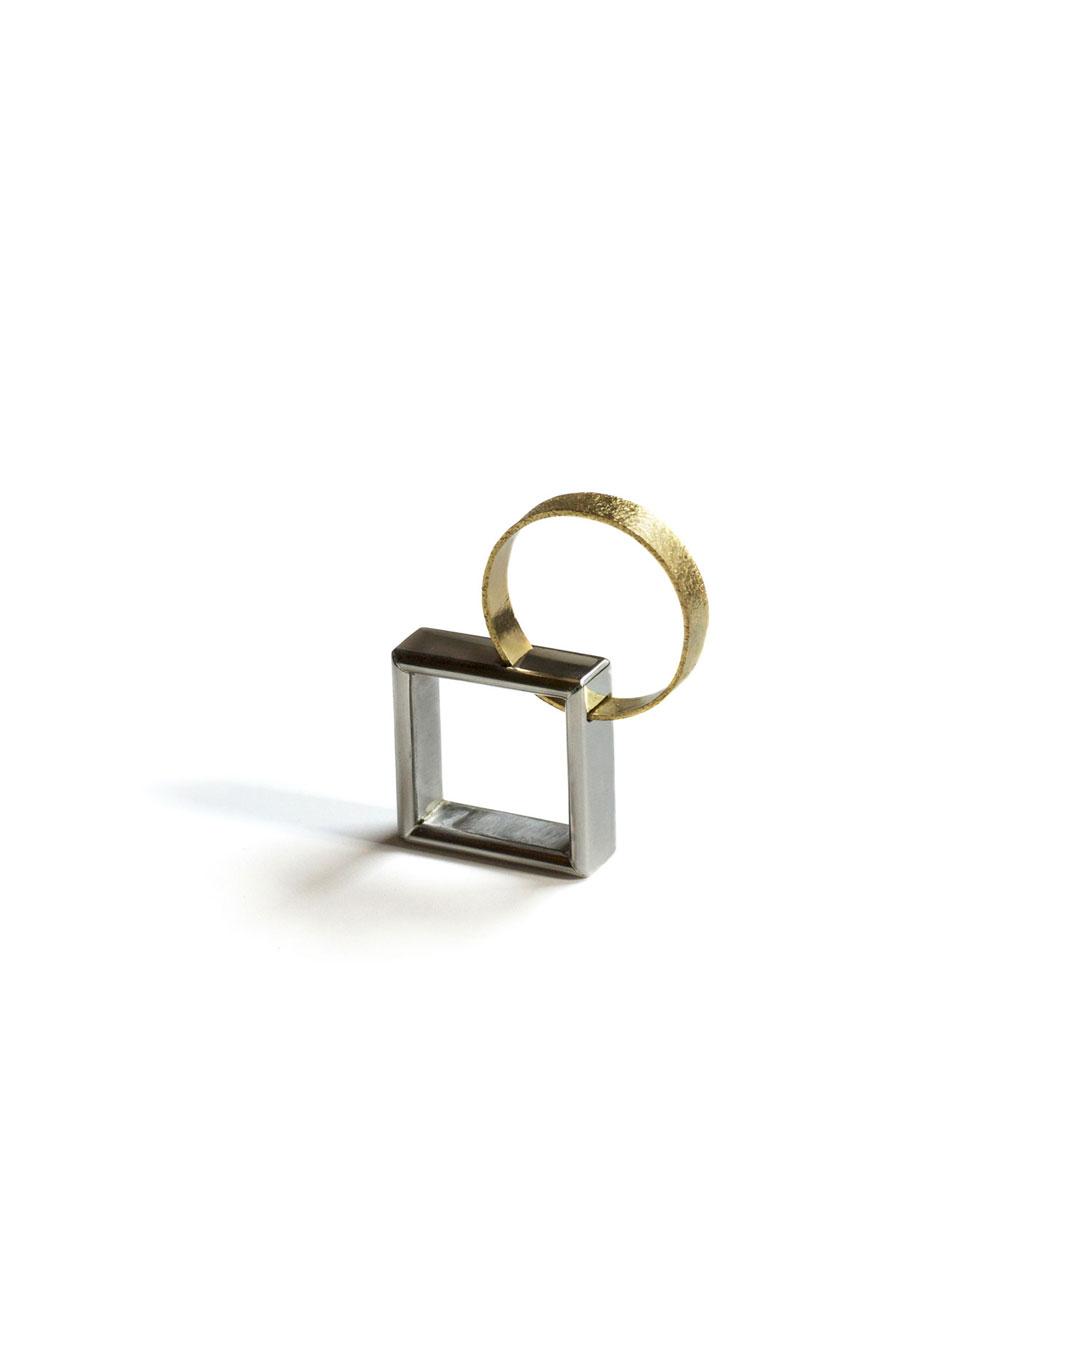 Okinari Kurokawa, untitled, 2013, ring; 20ct gold, stainless steel, 40 x 33 x 8 mm, €1250